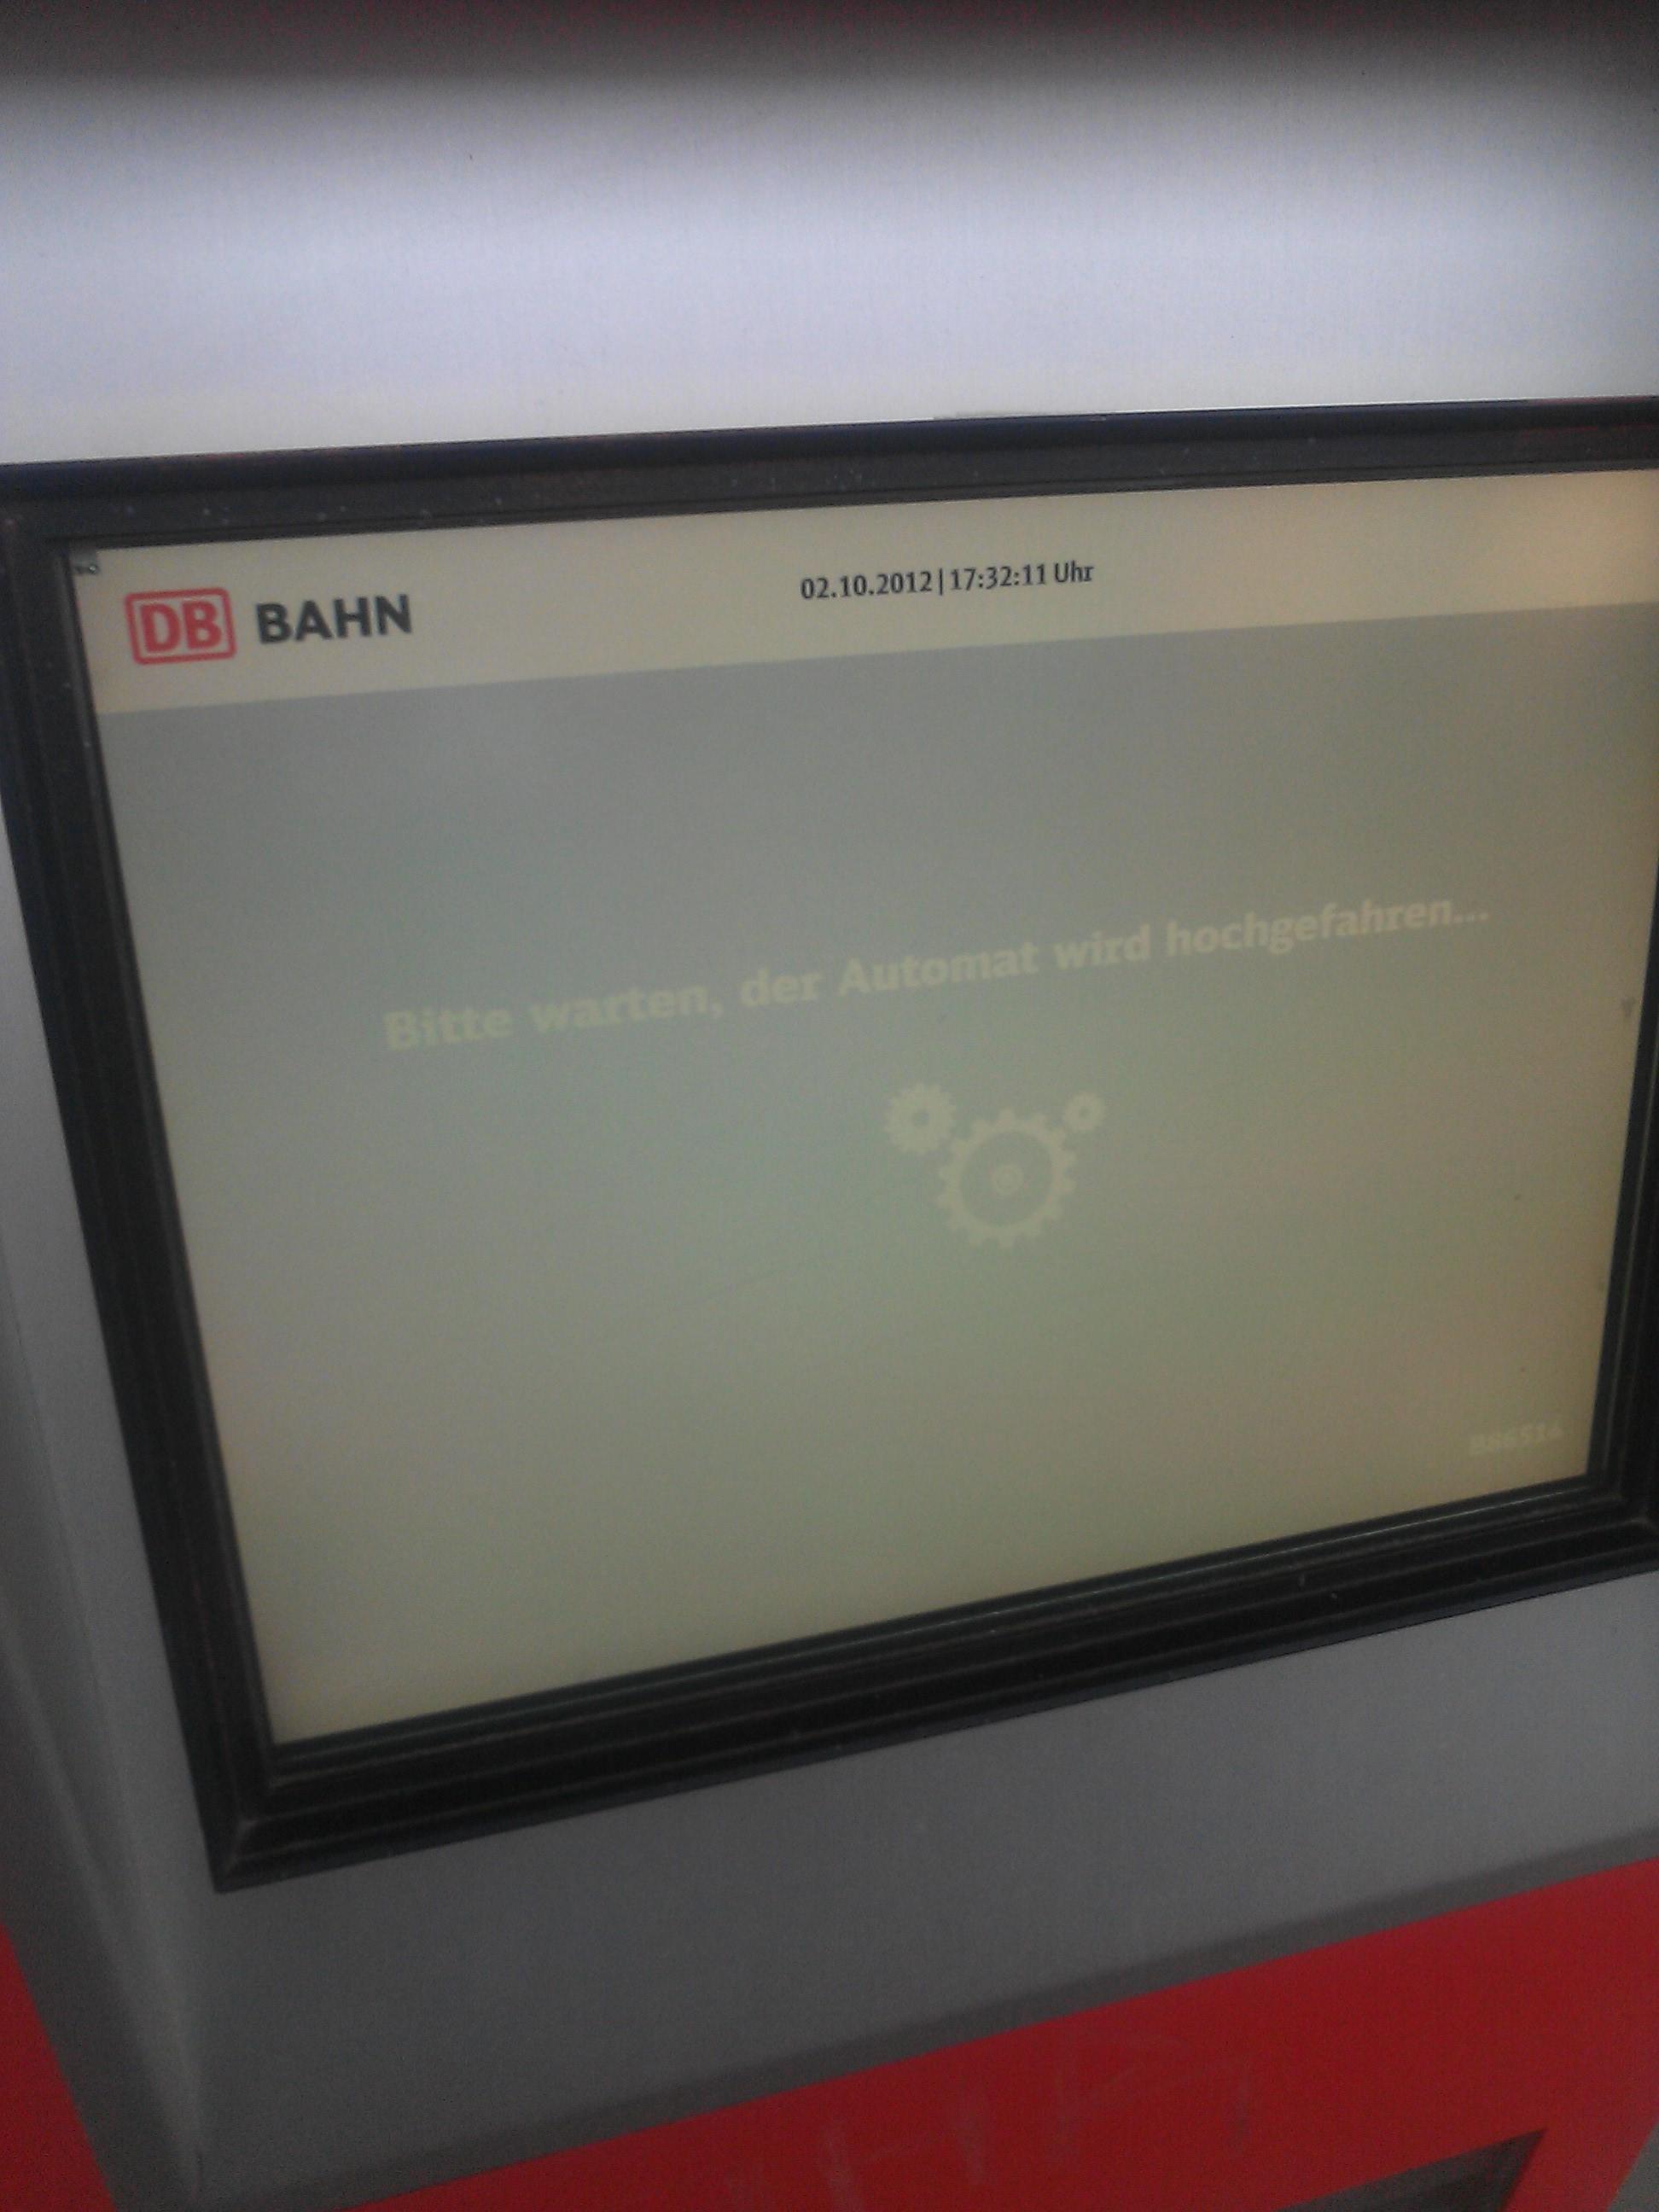 der-automat-wird-hochgefahren